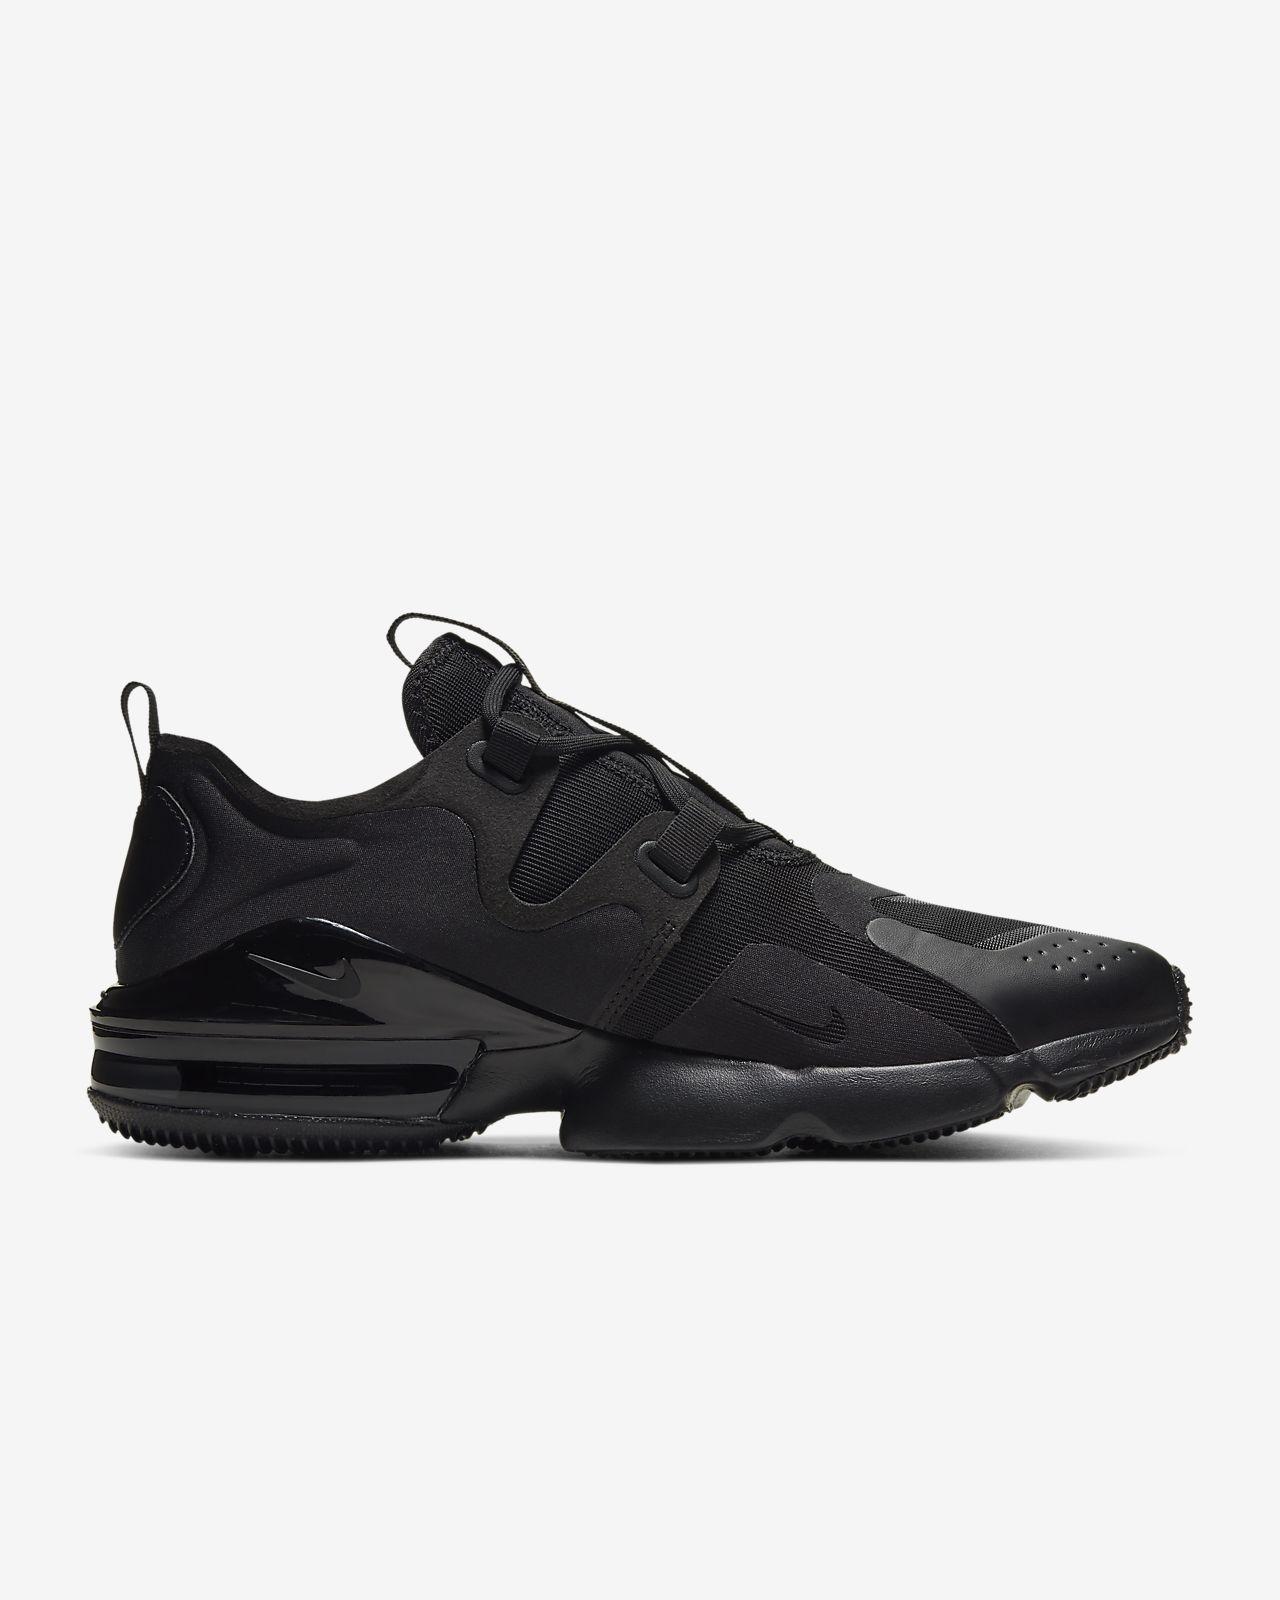 Nike Air Jordan Future Herren Herrenschuhe Basketball Schuhe